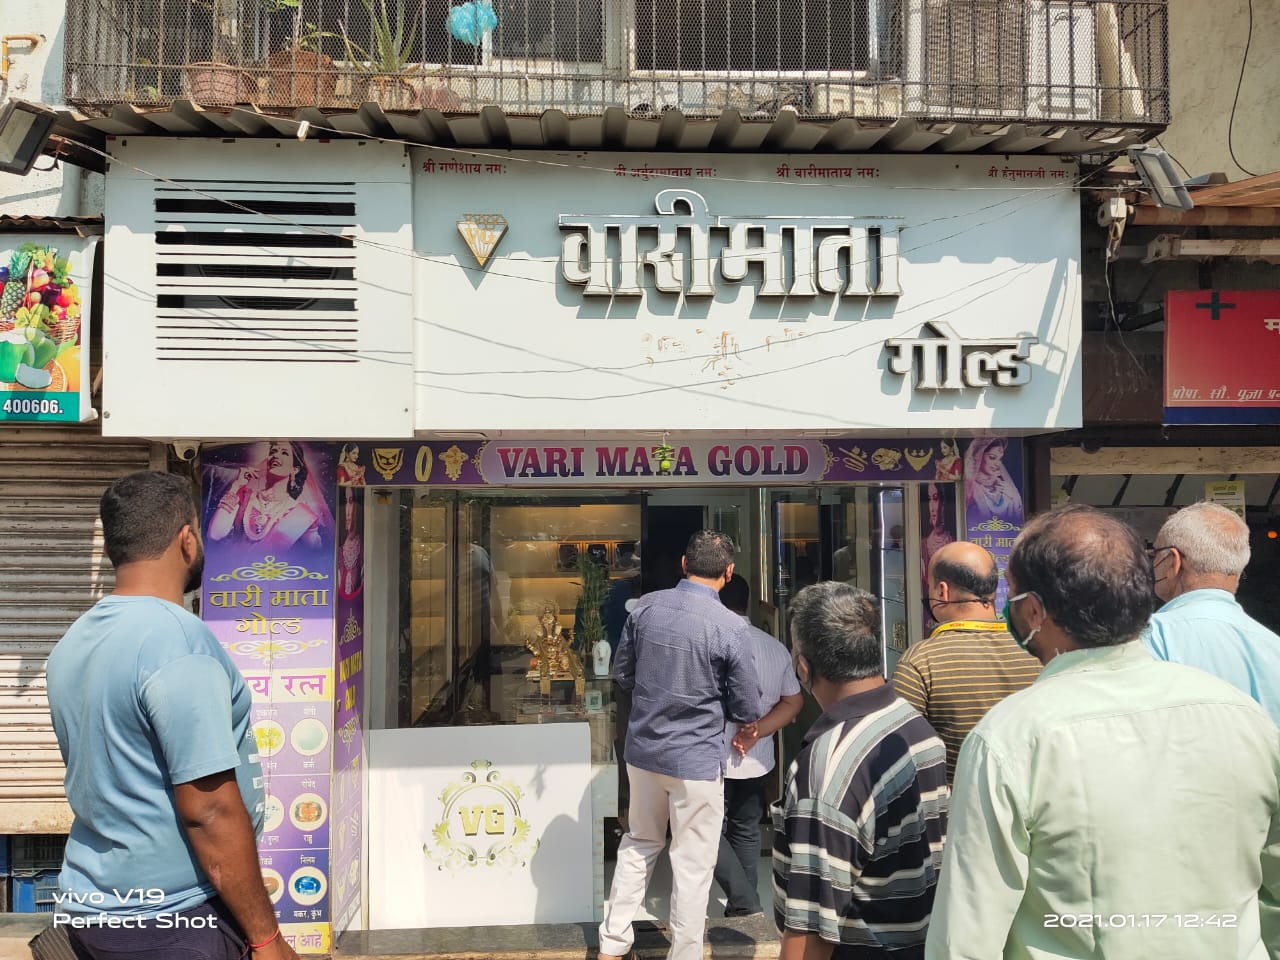 Adarsh Maharashtra | ठाणे शिवाई नगर येथील वारीमाता गोल्ड या ज्वेलर्सच्या दुकानात घरफोडी